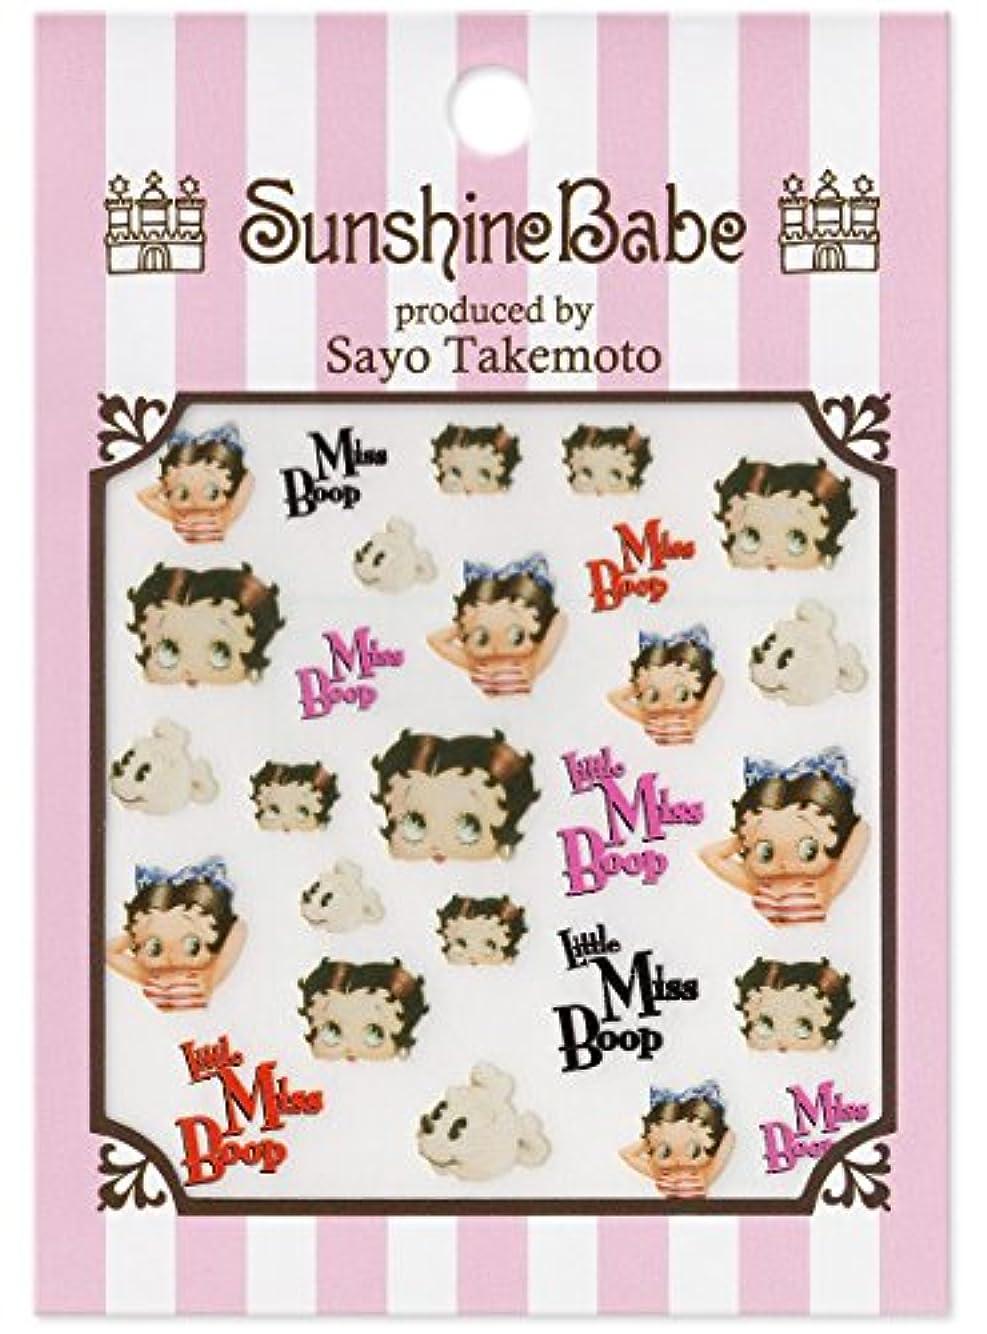 全能に賛成朝食を食べるサンシャインベビー ジェルネイル 武本小夜のネイルシール Sayo Style Little Miss Boop